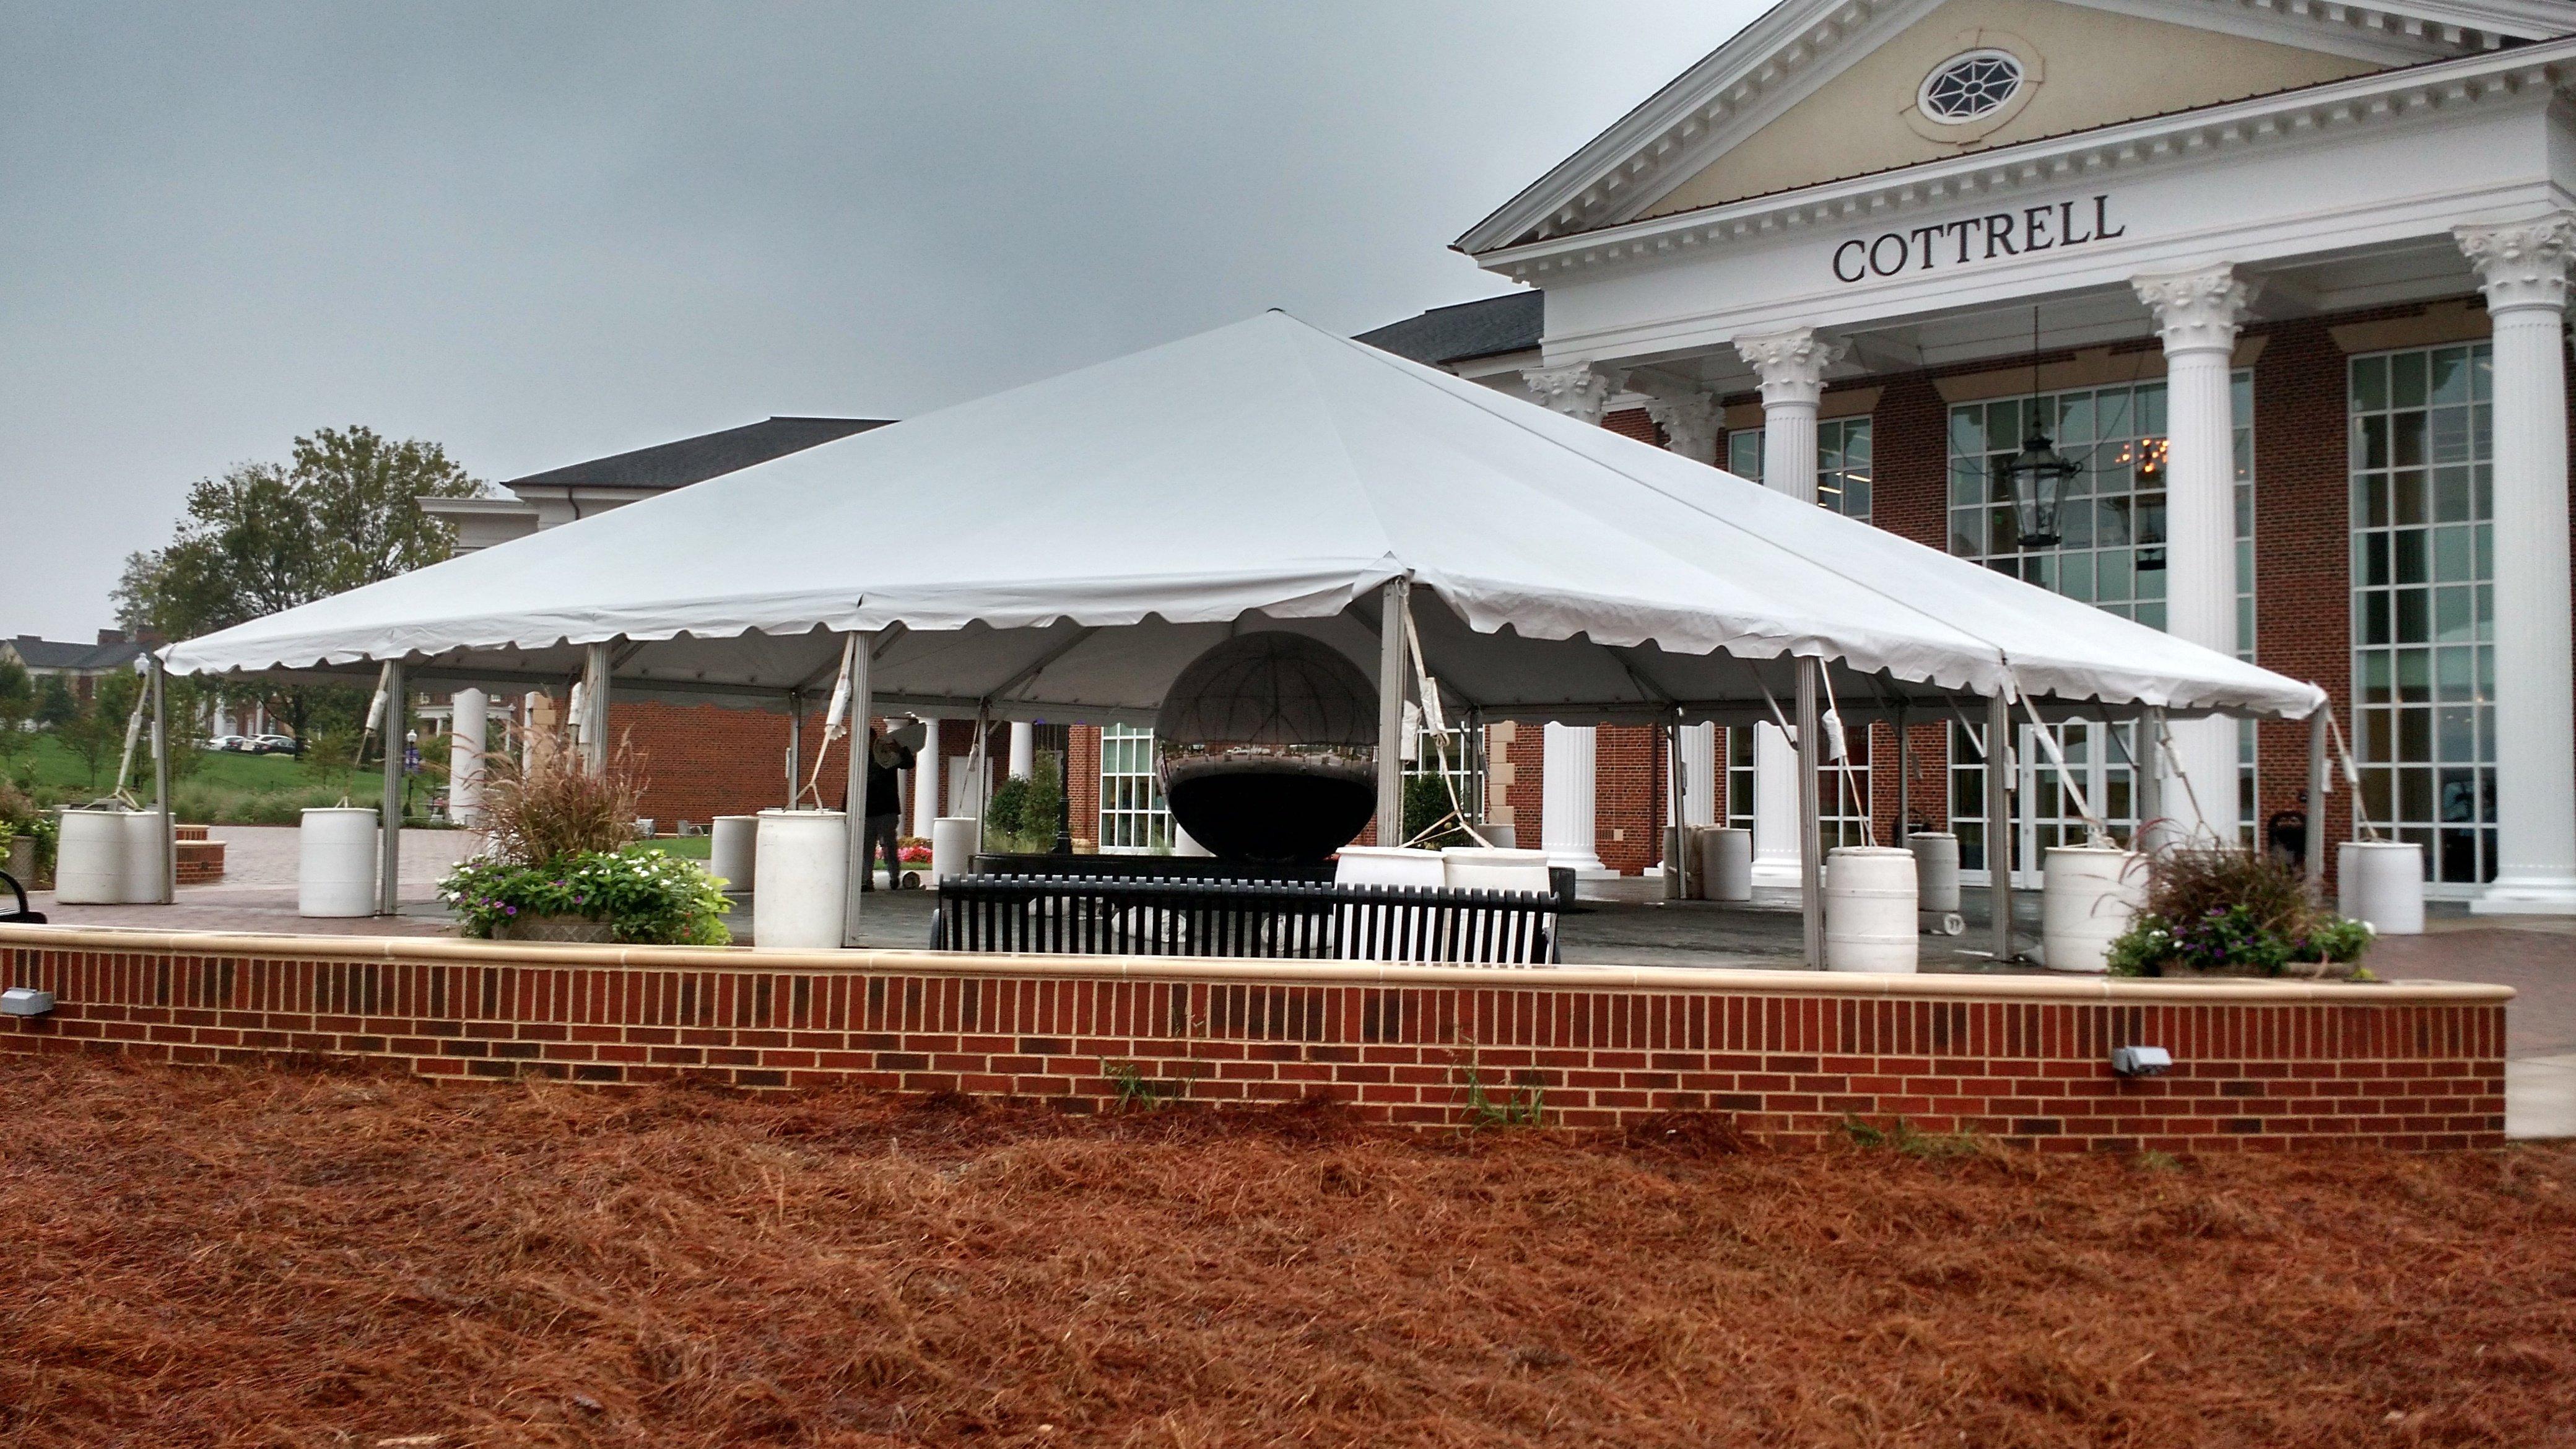 50x50 foot tent